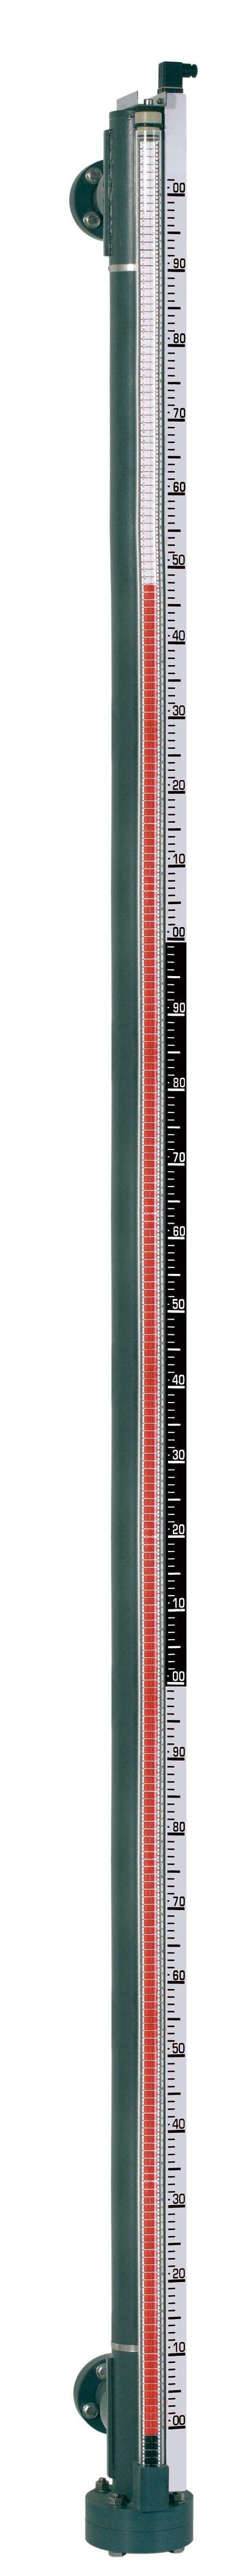 Indicateur / Transmetteur de niveau LT141 PVC